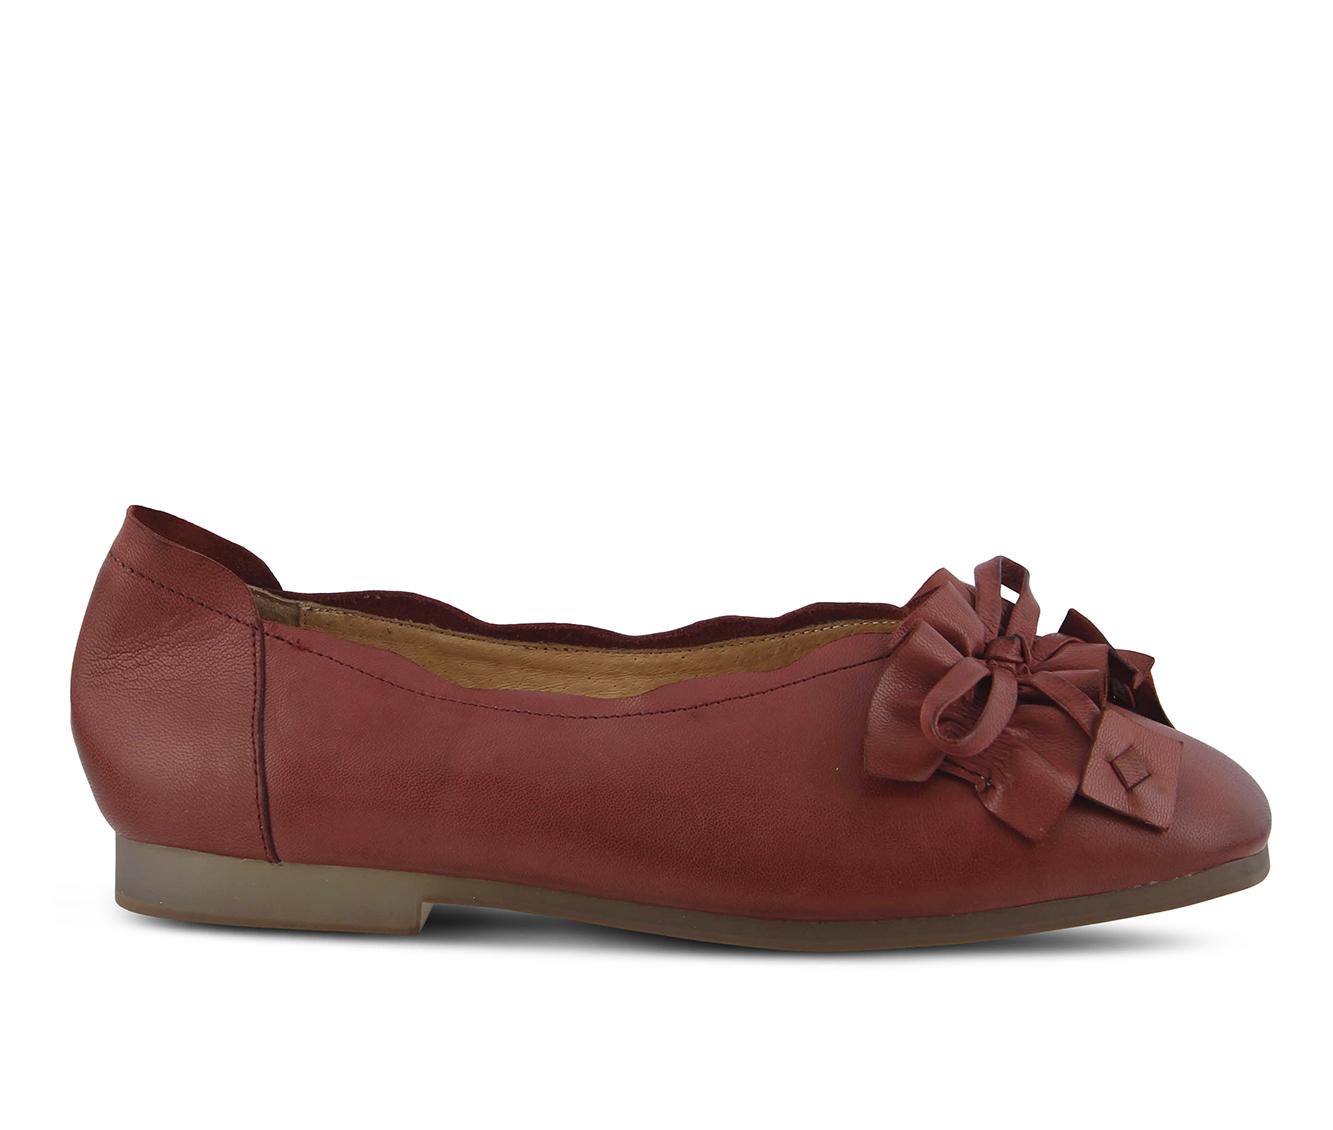 L'Artiste Louisa Women's Shoe (Red Leather)